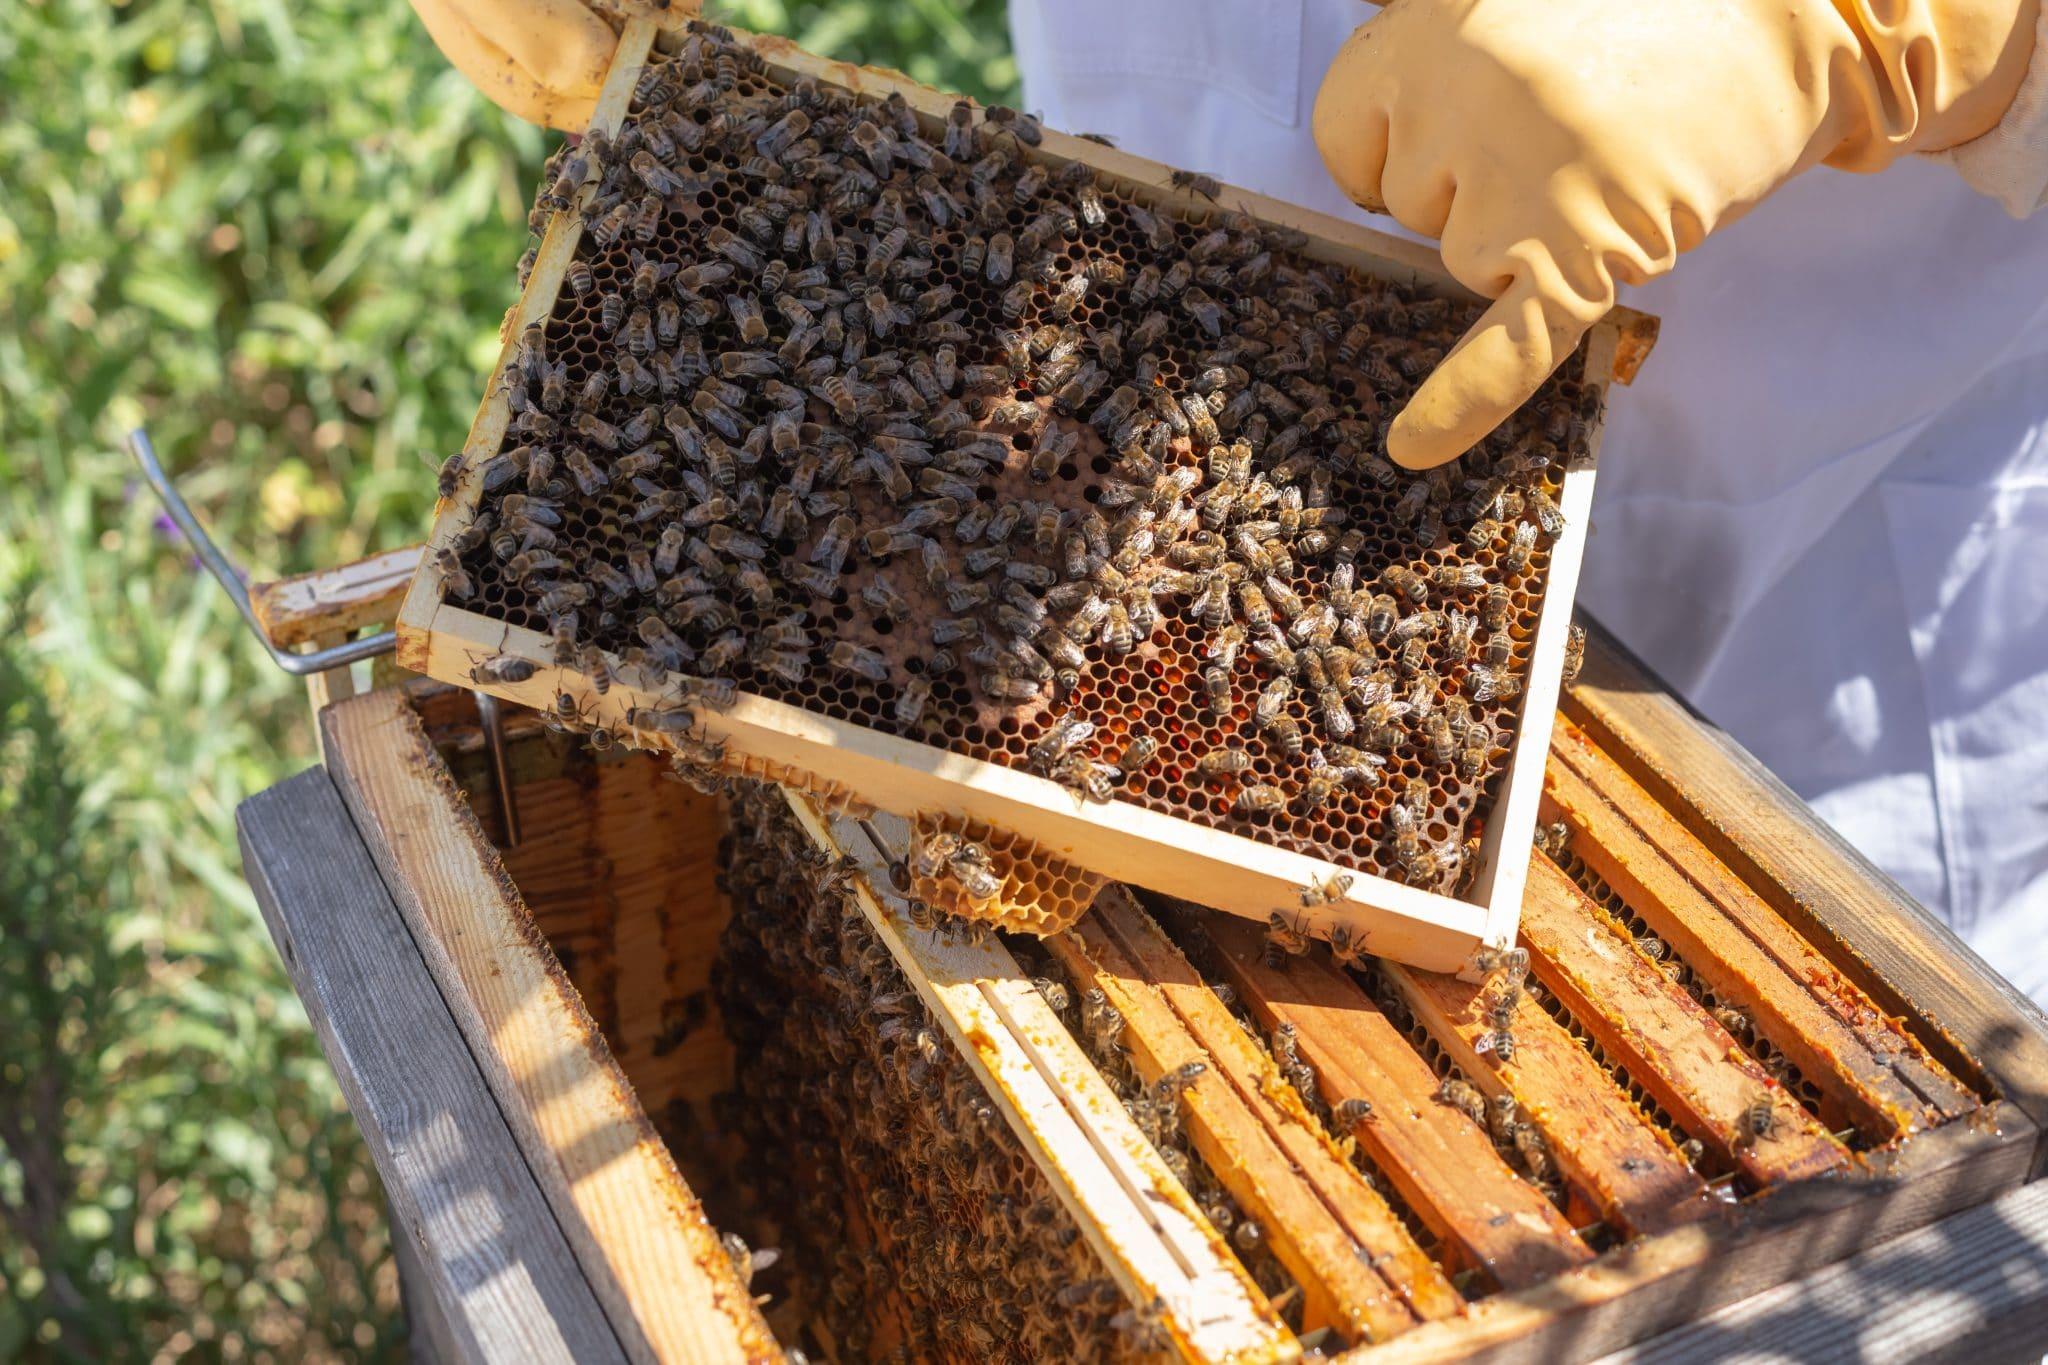 La disparition des abeilles, comment lutter ?